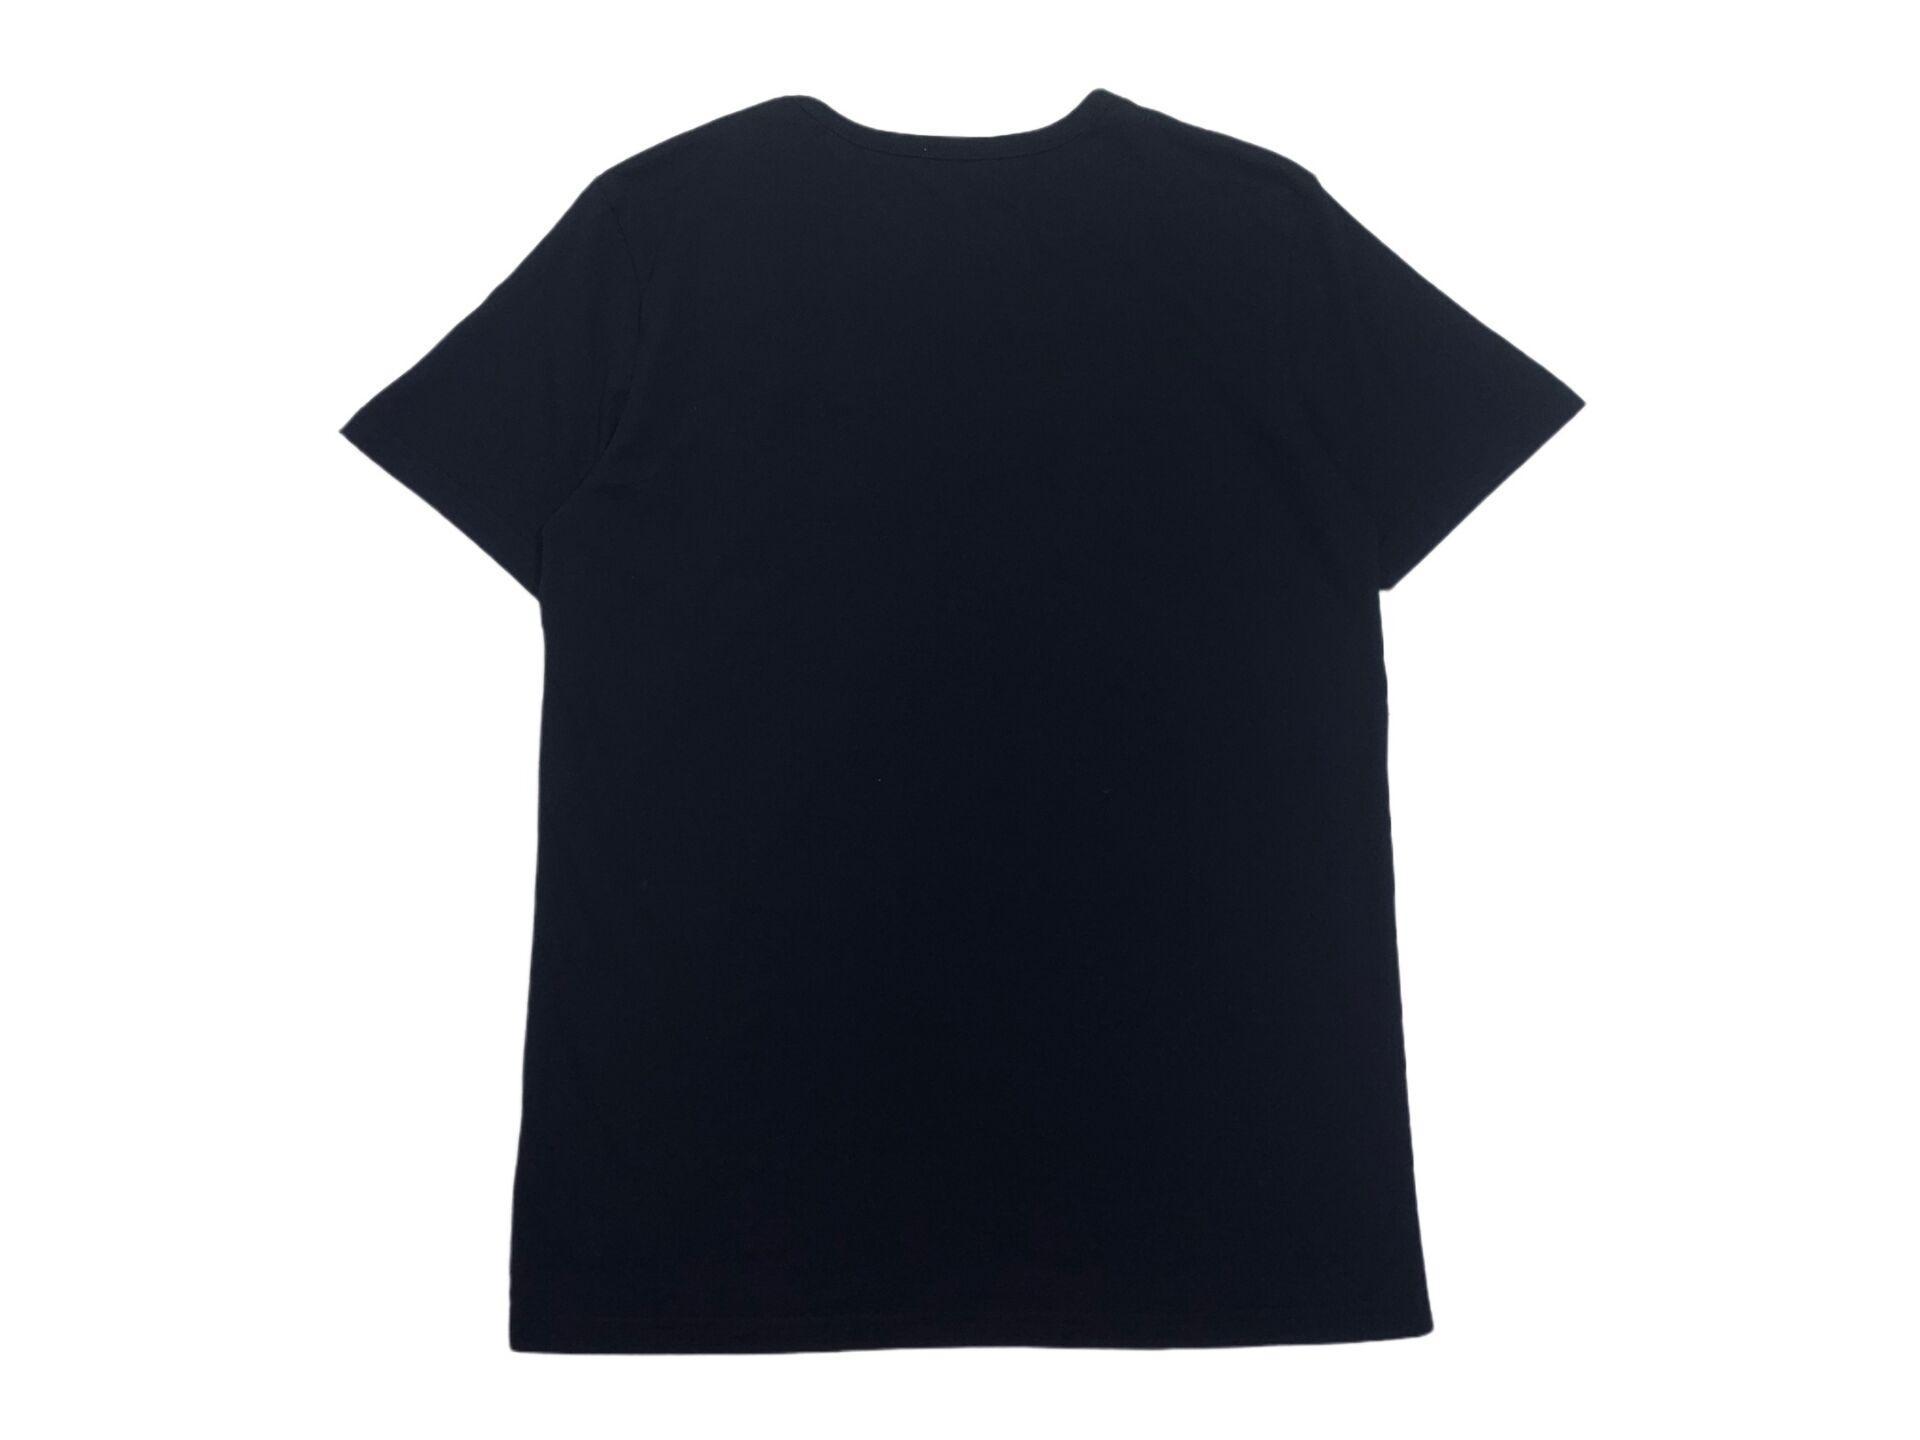 and shawn oversized t-shirt black cotton      tshirt      men tshirt  5